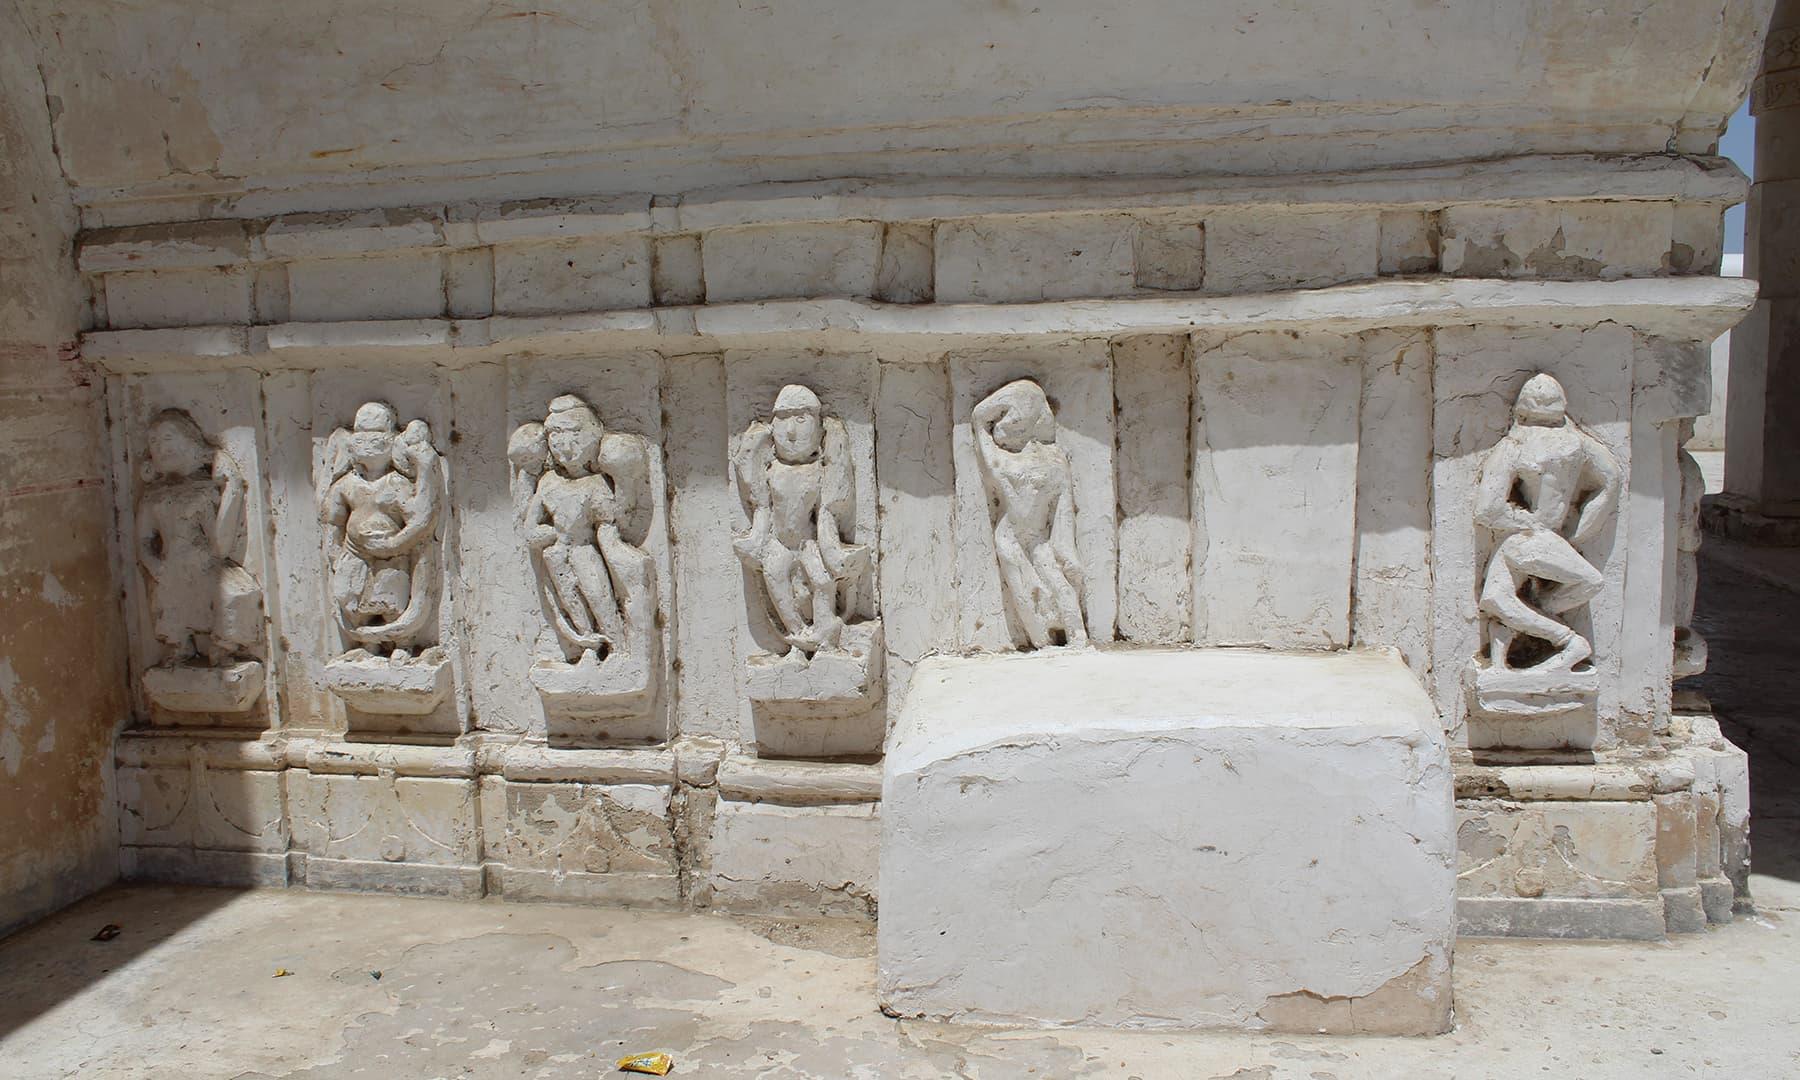 گوڑی مندر کی دیوار میں گڑی مورتیاں—تصویر اختر حفیظ